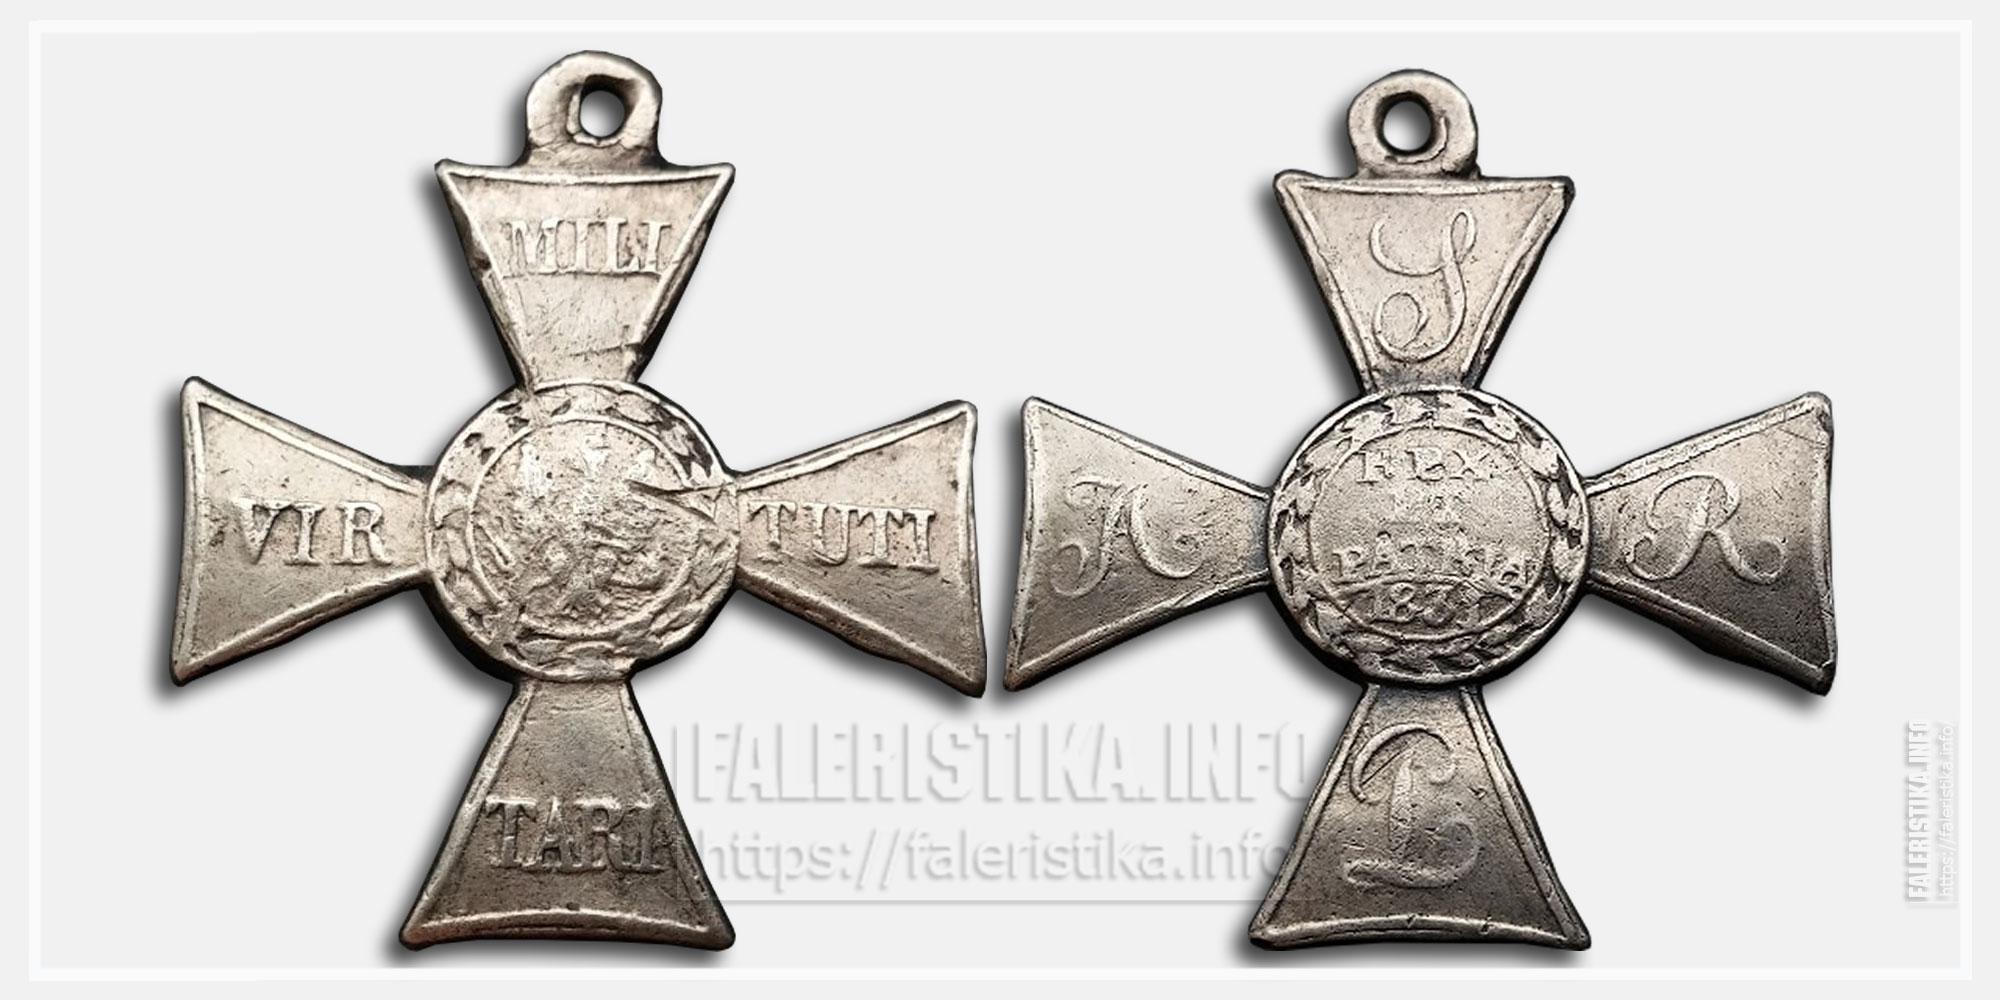 Виртути милитари 1831 Копия Virtuti Militari 1831